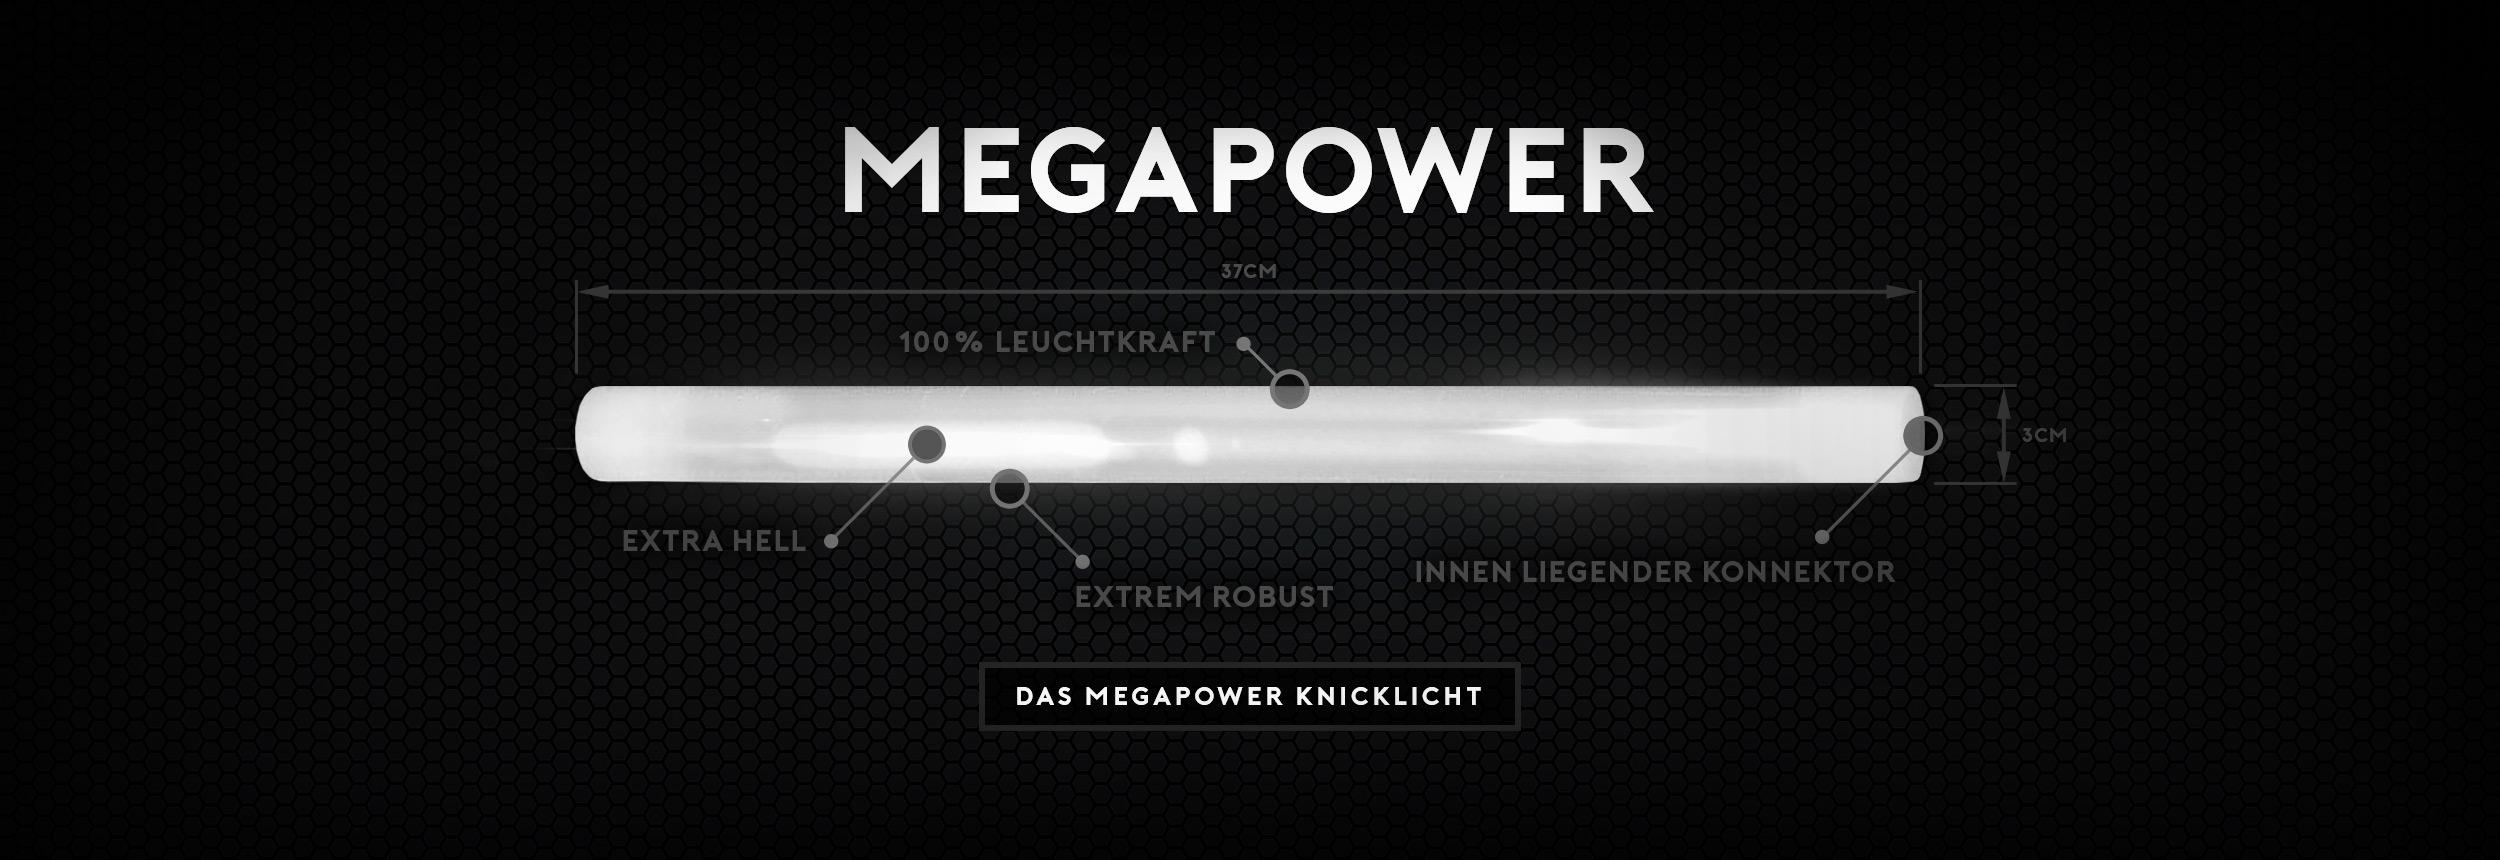 Megapower Knicklichter